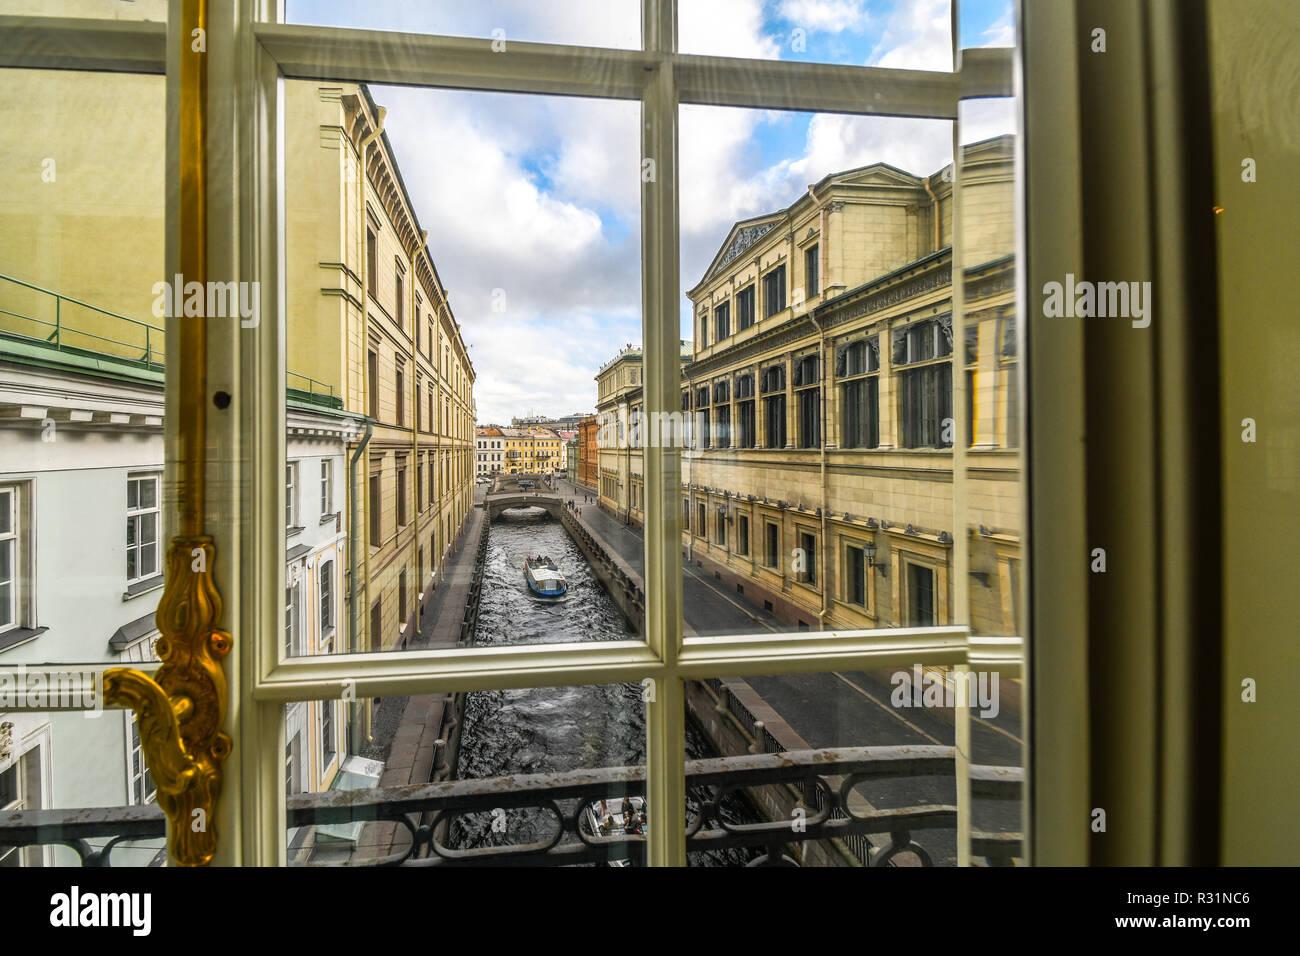 Un barco se desliza hacia abajo el invierno Kanavka Zimnyaya Canal y el río Neva en San Petersburgo, Rusia, vista desde una ventana de la galería en el interior de la Ermita Foto de stock